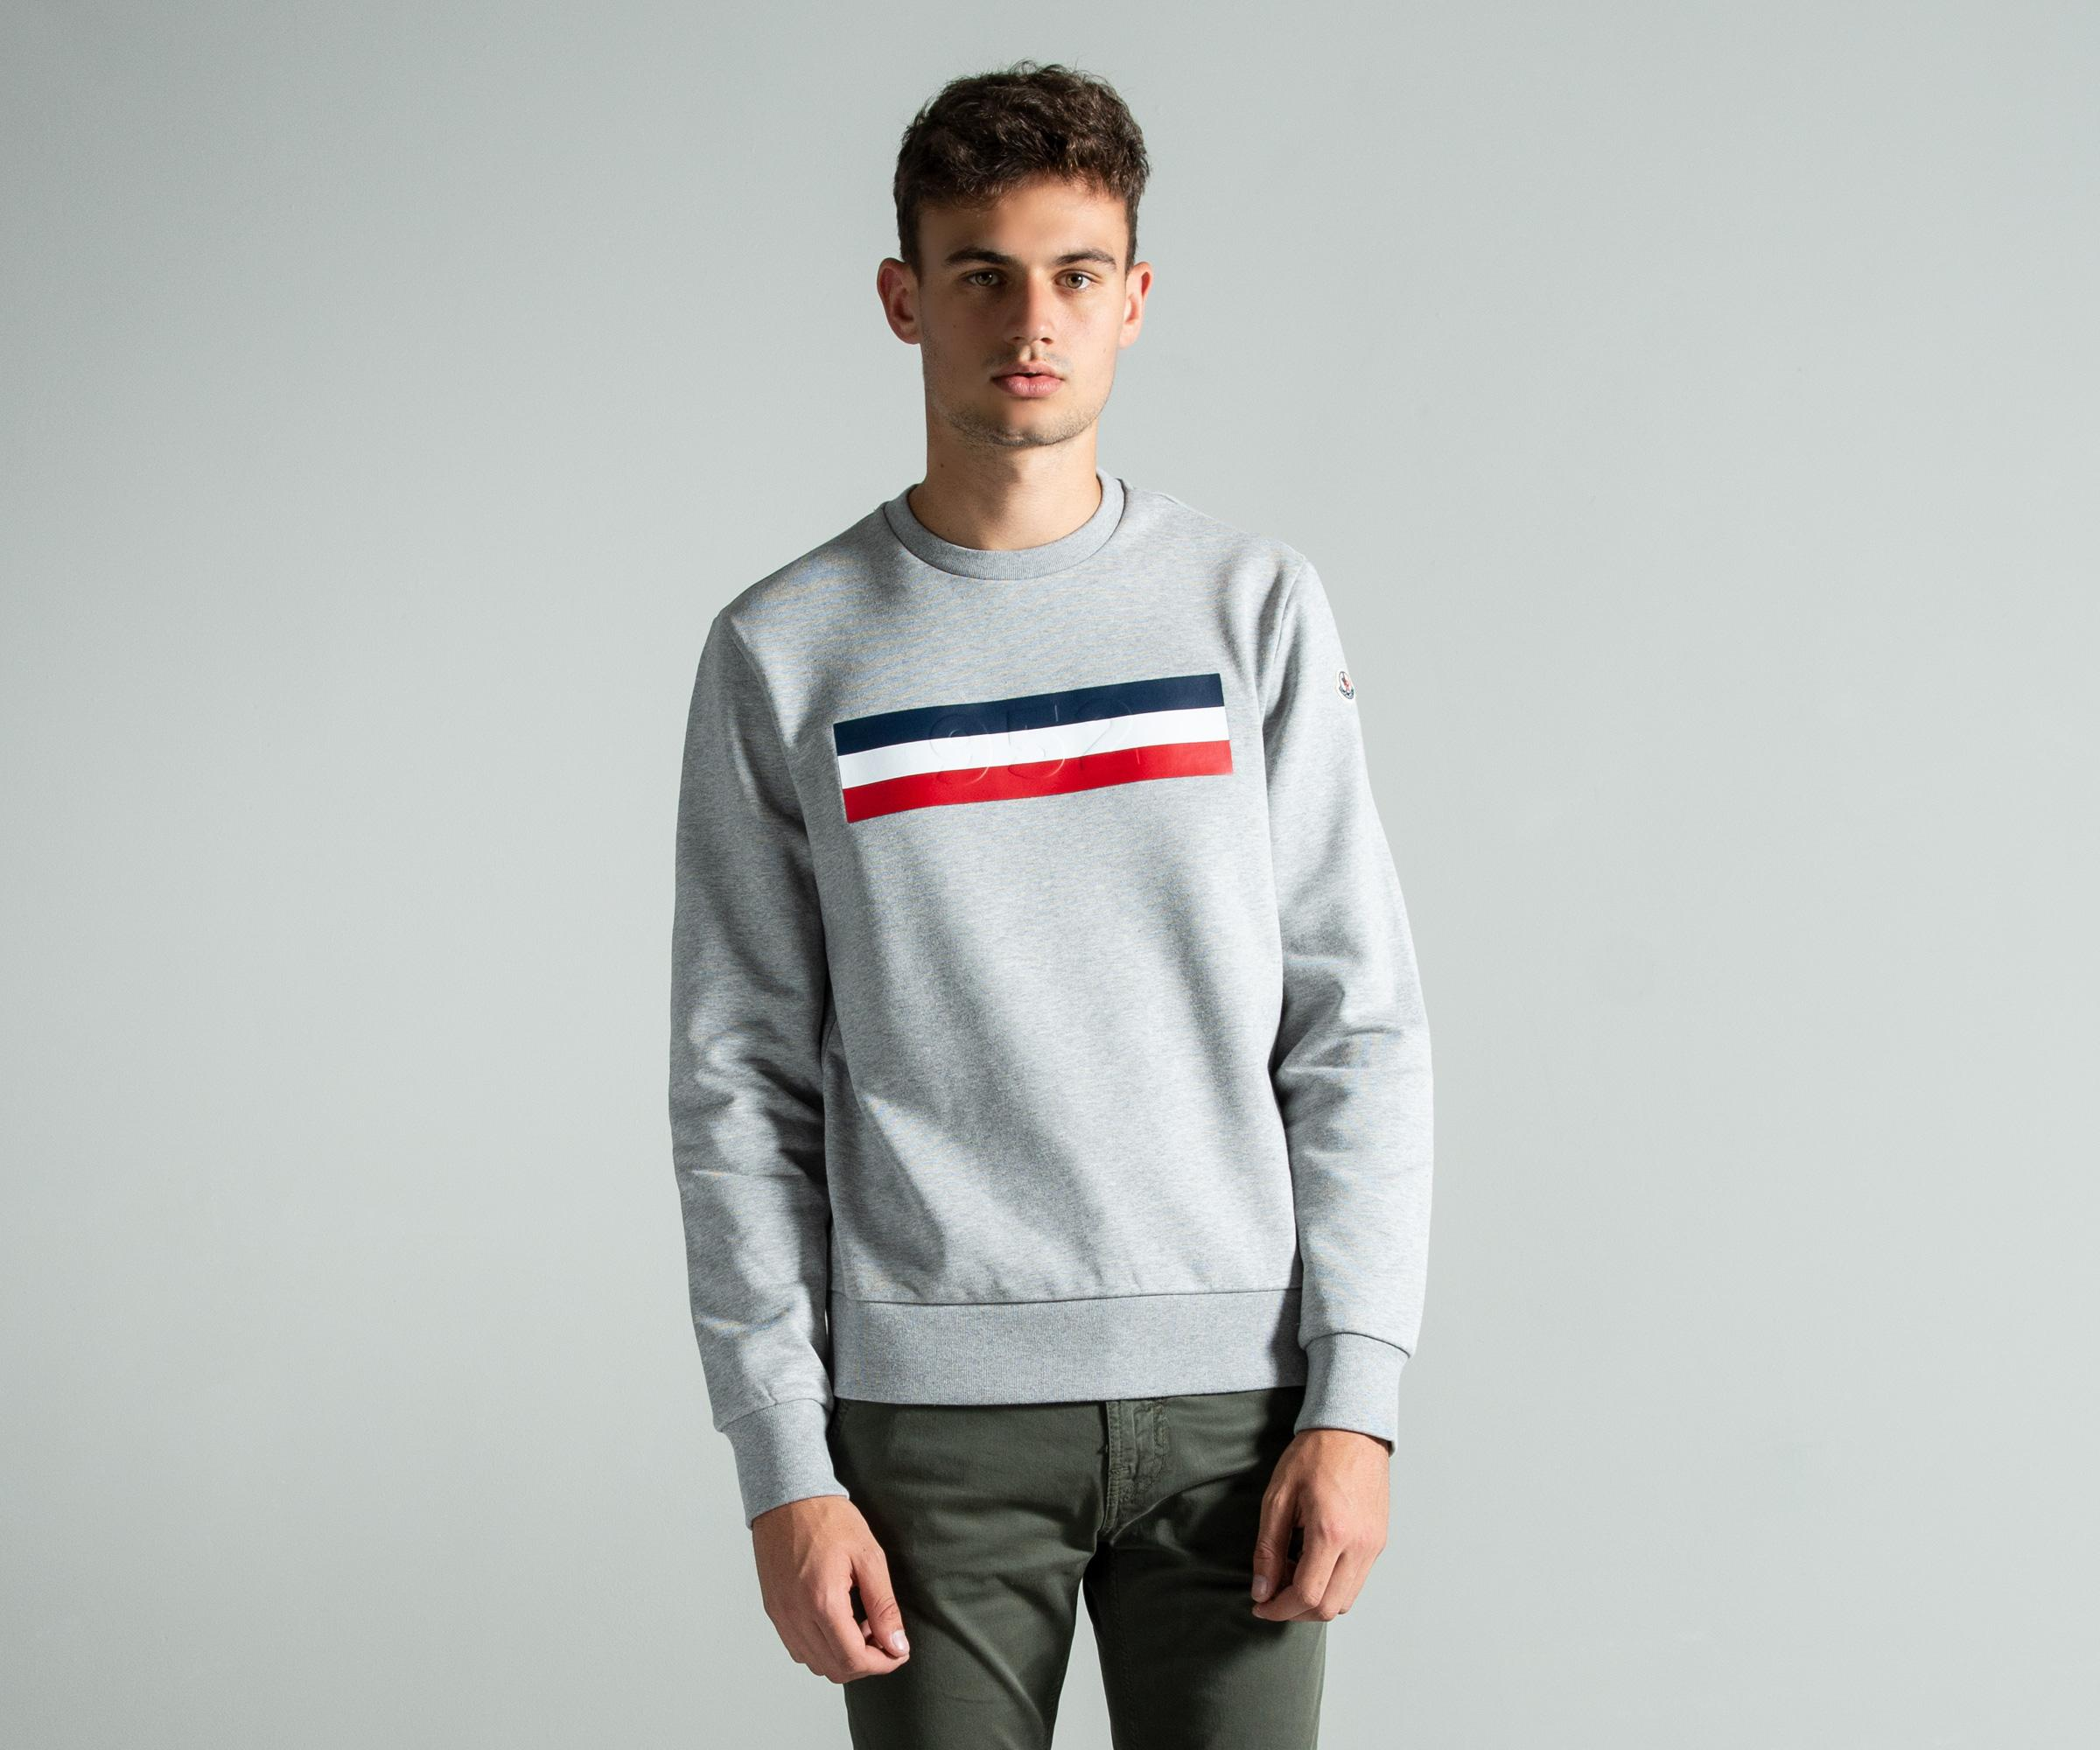 55c996618 Moncler 952 Flag Sweatshirt Grey in Gray for Men - Lyst